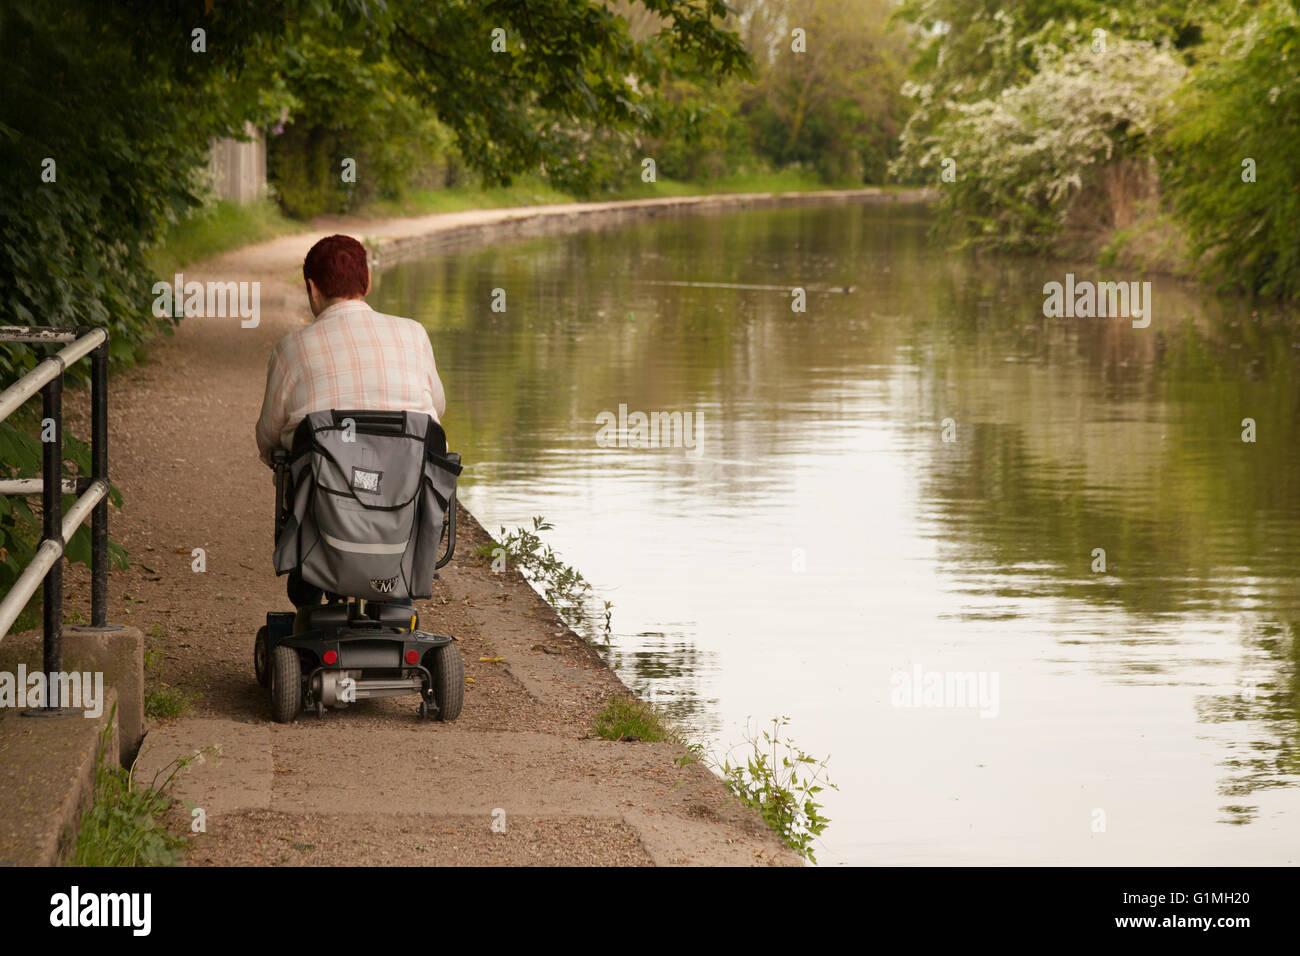 Un uomo disabili utilizzando una disabilità scooter sulla strada alzaia, il Grand Union Canal a Warwick, Warwickshire, Immagini Stock